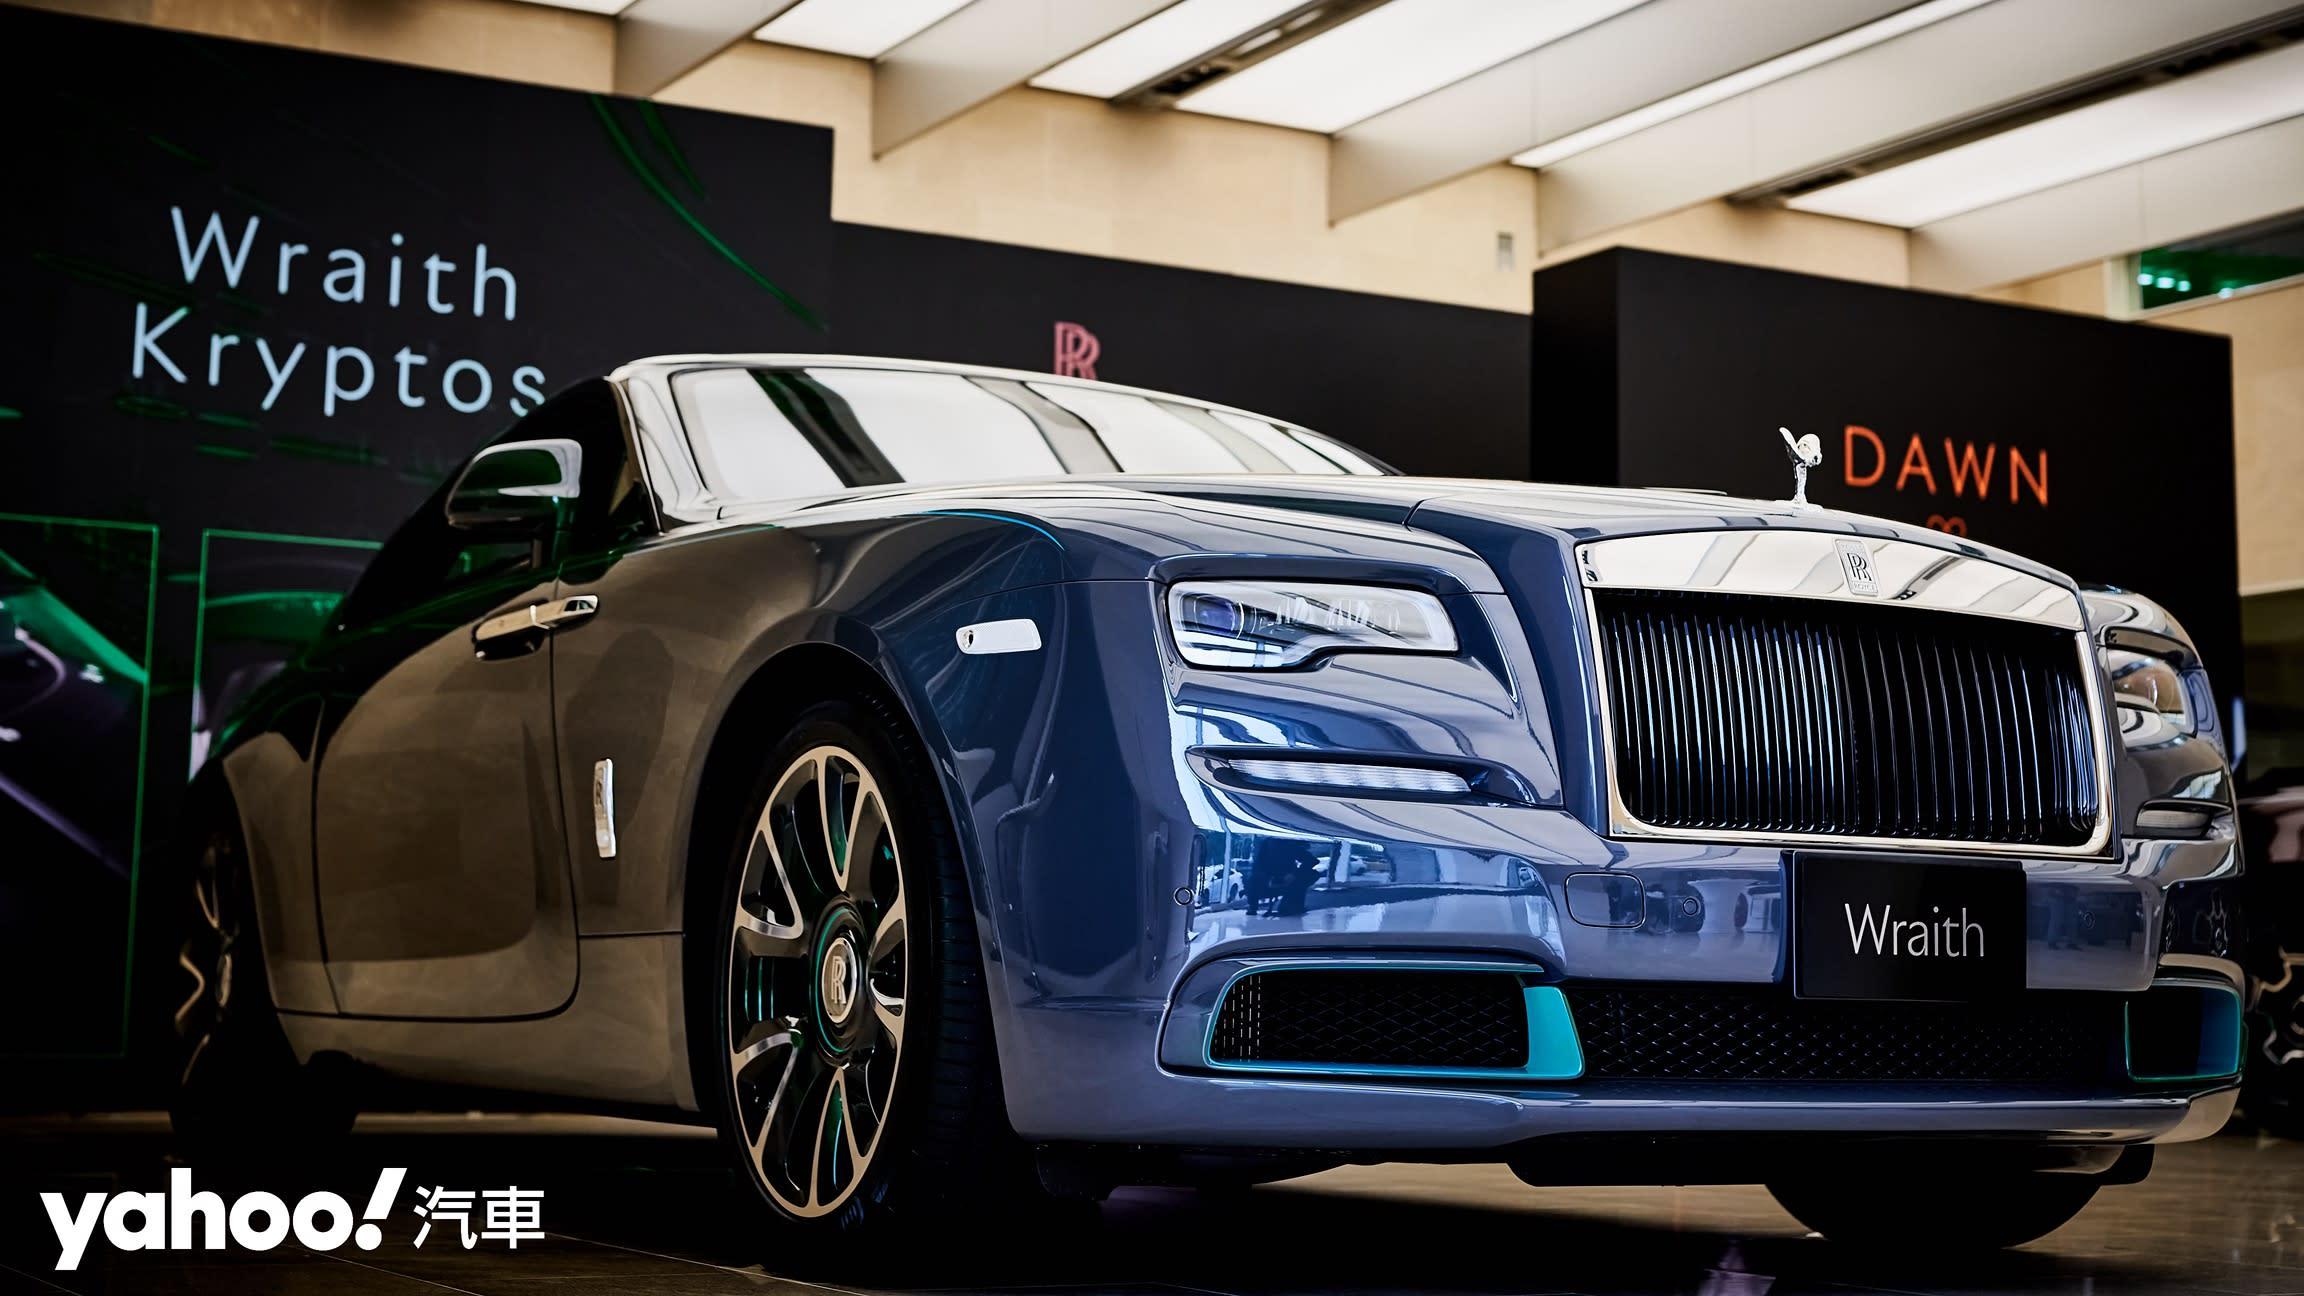 或許是近代最昂貴的一項解謎遊戲!2021 Rolls-Royce Wraith Kryptos隱匿之鑰媒體賞車會!